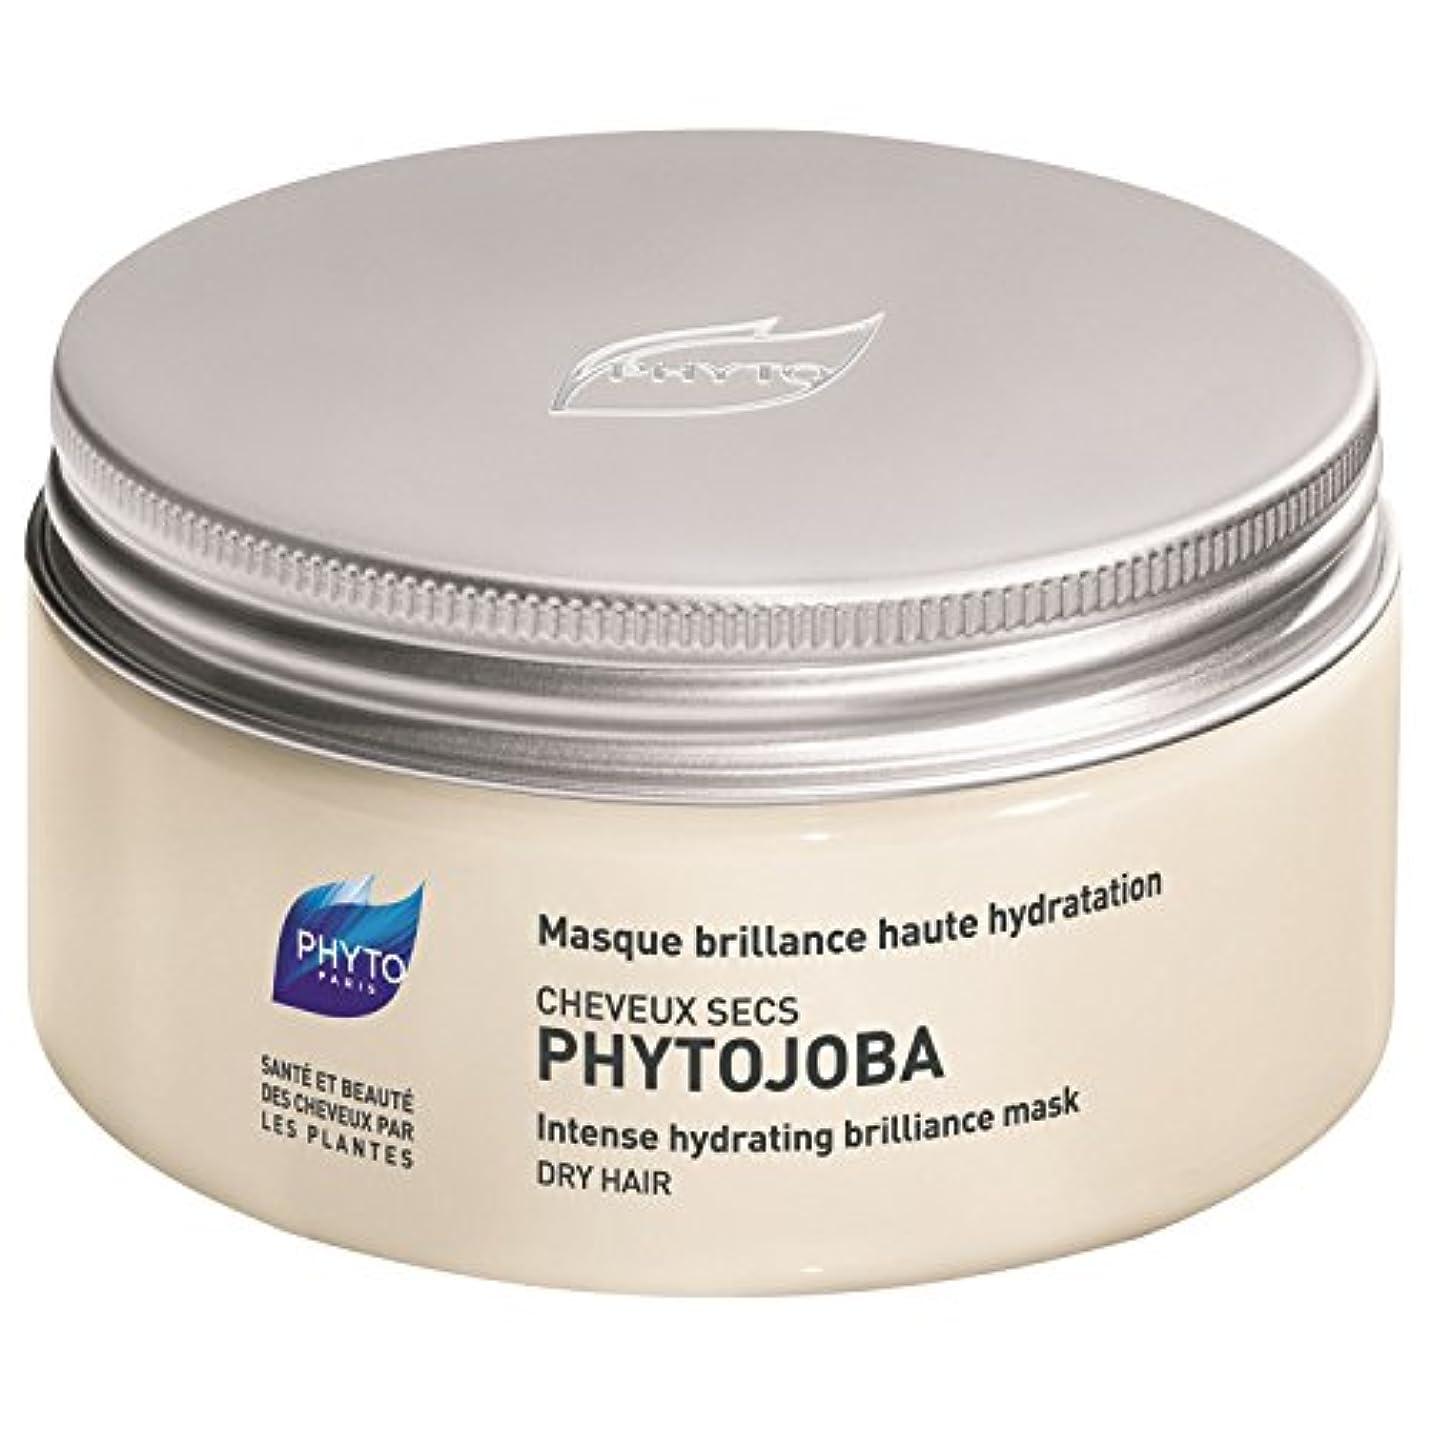 北極圏研磨全体フィトPhytojoba強烈な水分補給マスク200ミリリットル (Phyto) (x2) - Phyto Phytojoba Intense Hydrating Mask 200ml (Pack of 2) [並行輸入品]